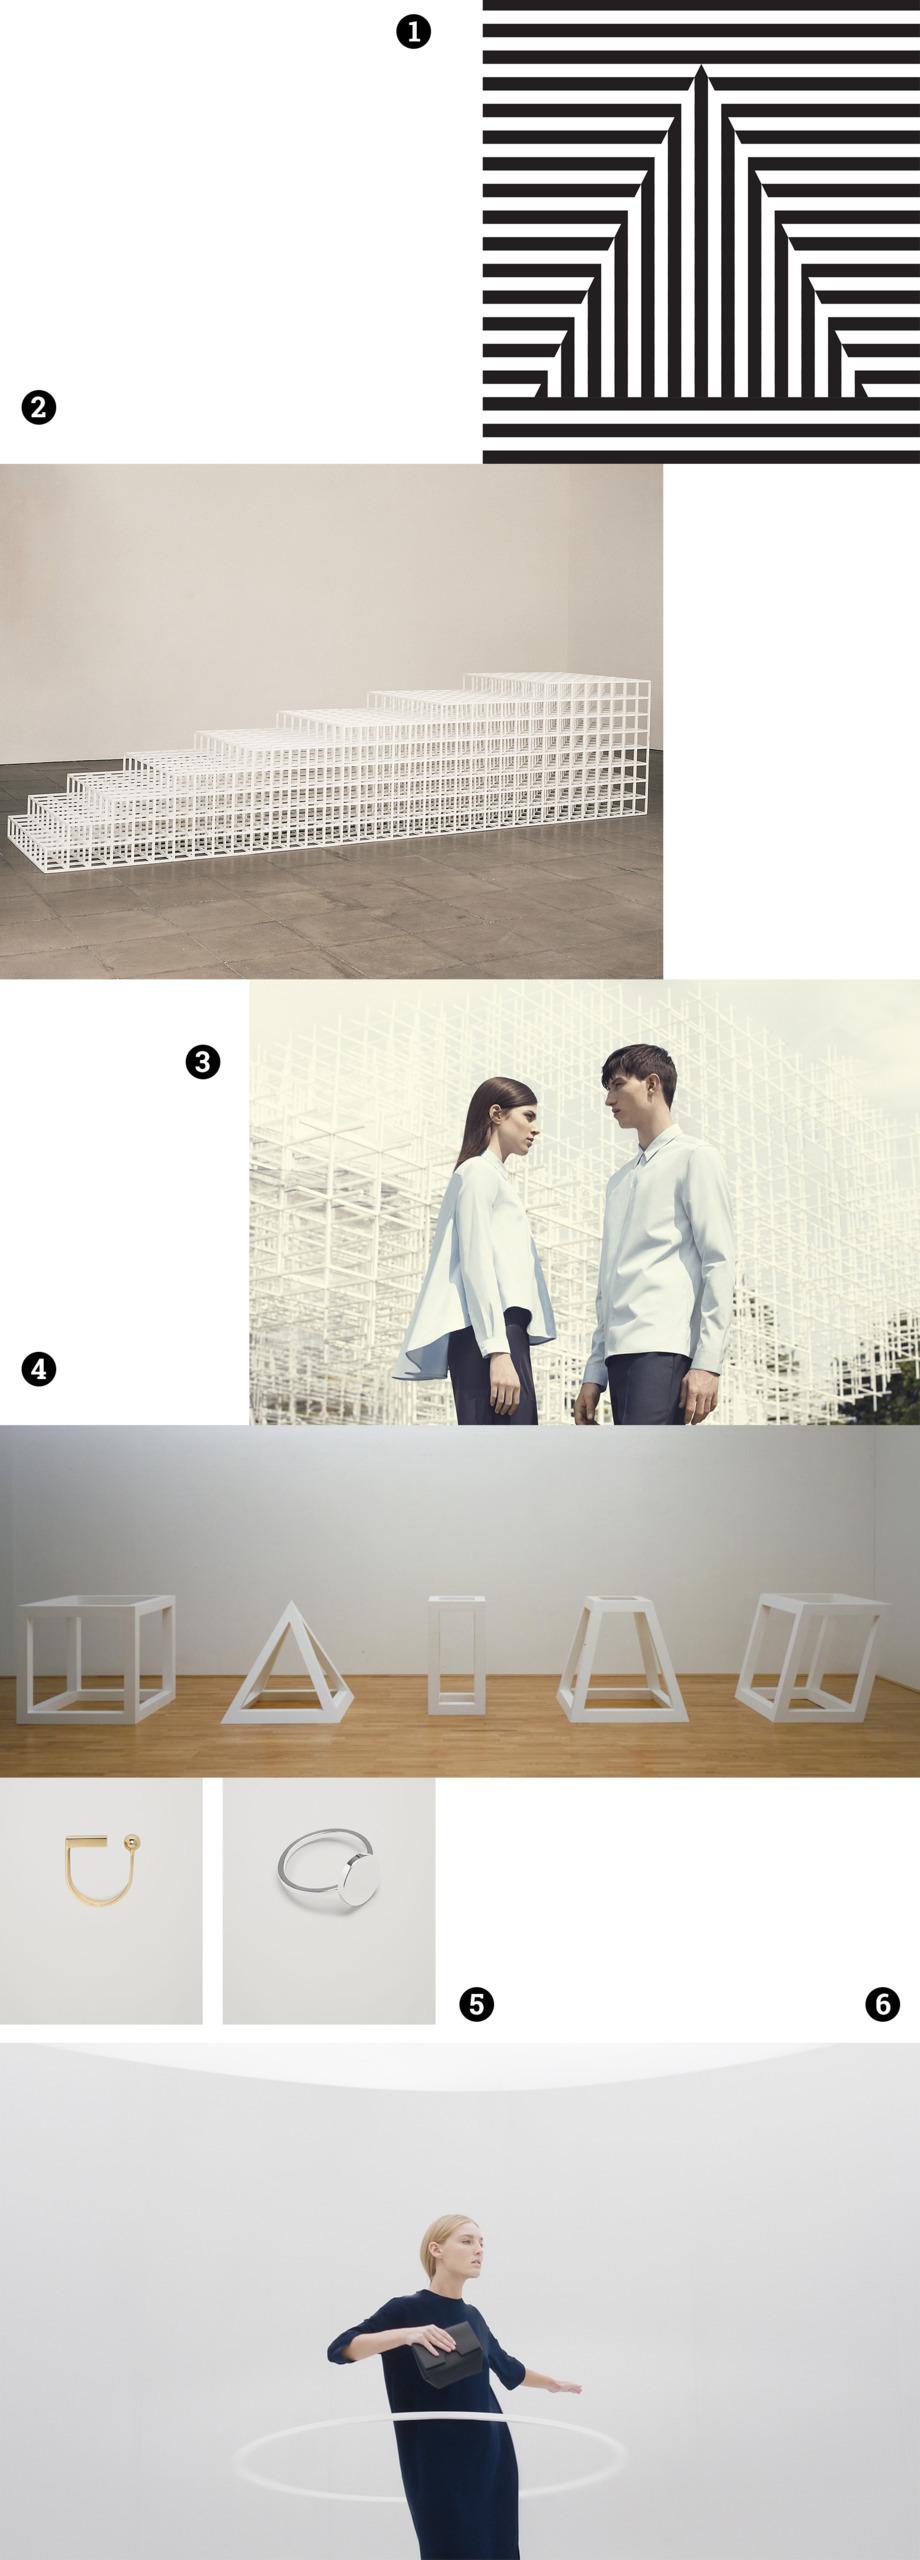 Obraz przedstawia różne zdjęcia na białym tle. Widzimy biało-czarne figury geometryczne w paski, geometryczne rzeźby, postaci ubrane w białe koszule, biżuterię.